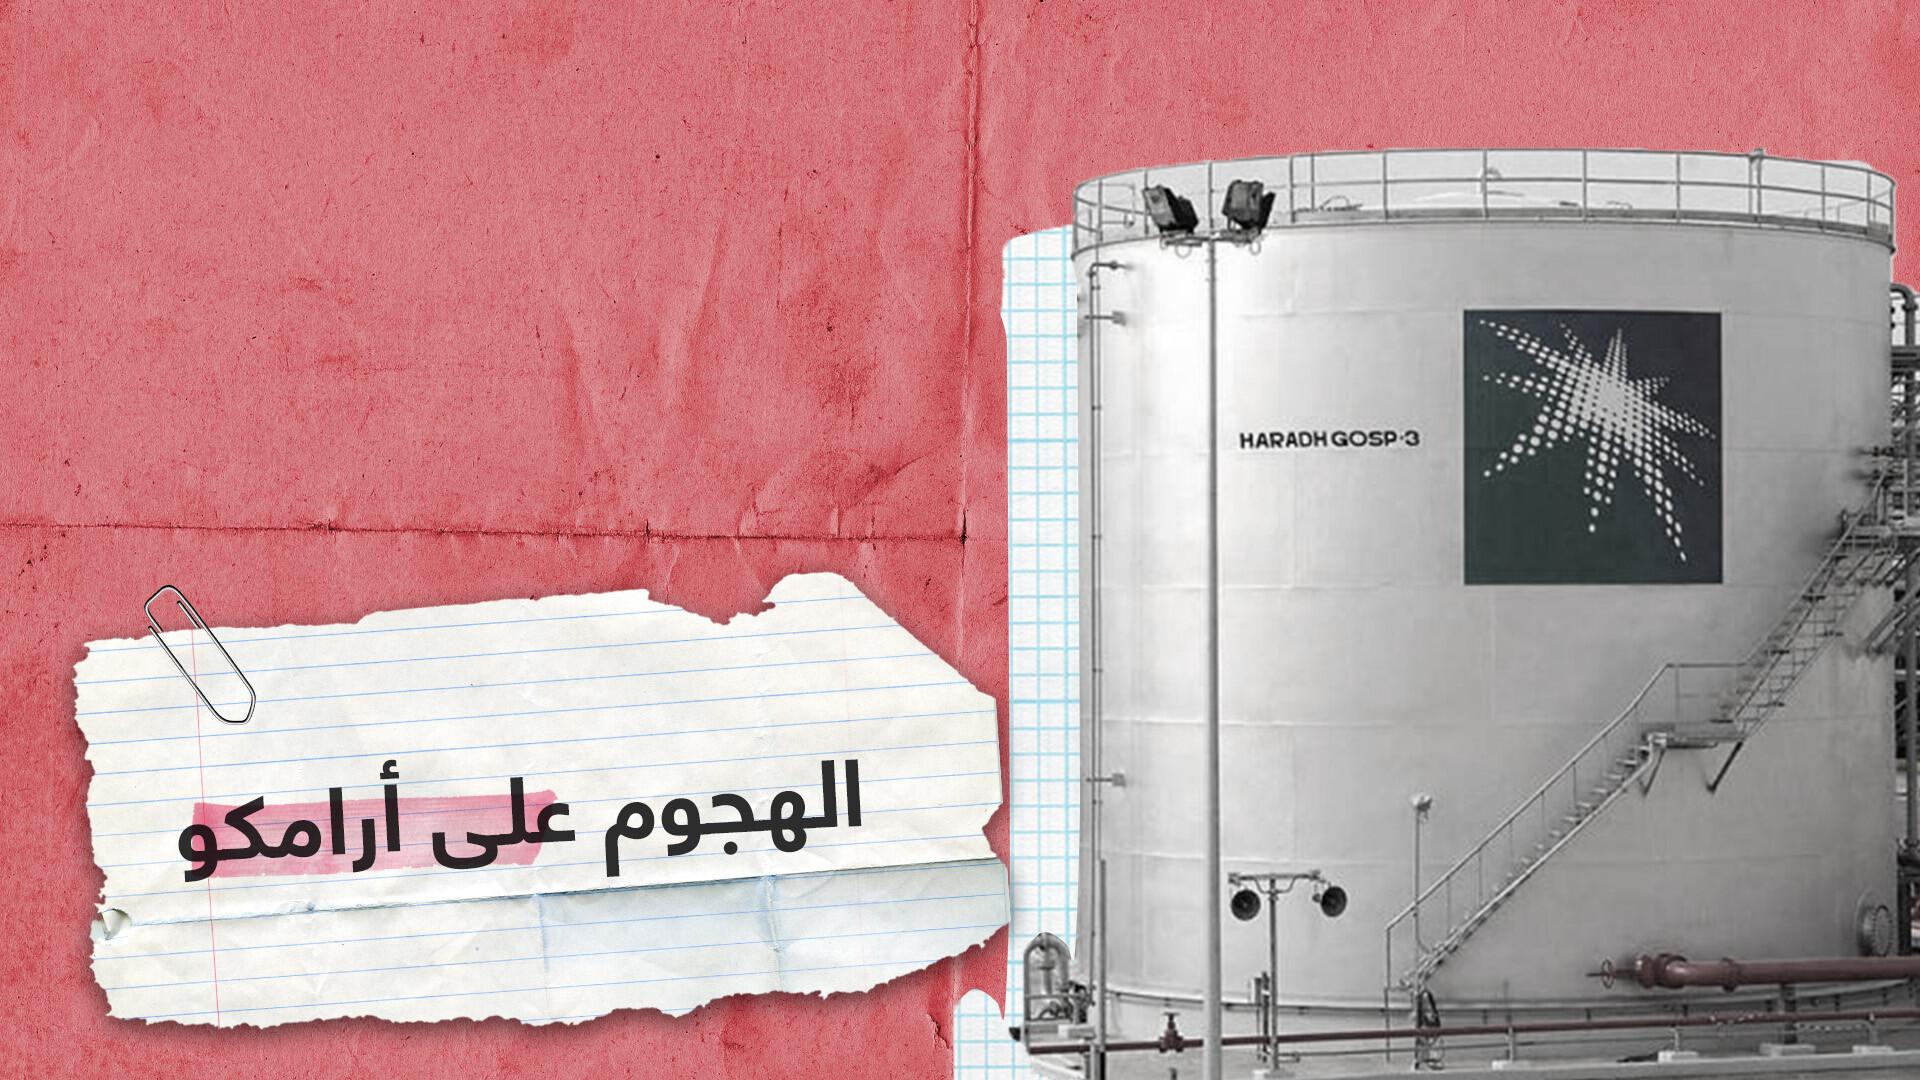 الحوثيون يستهدفون شركة أرامكو السعودية